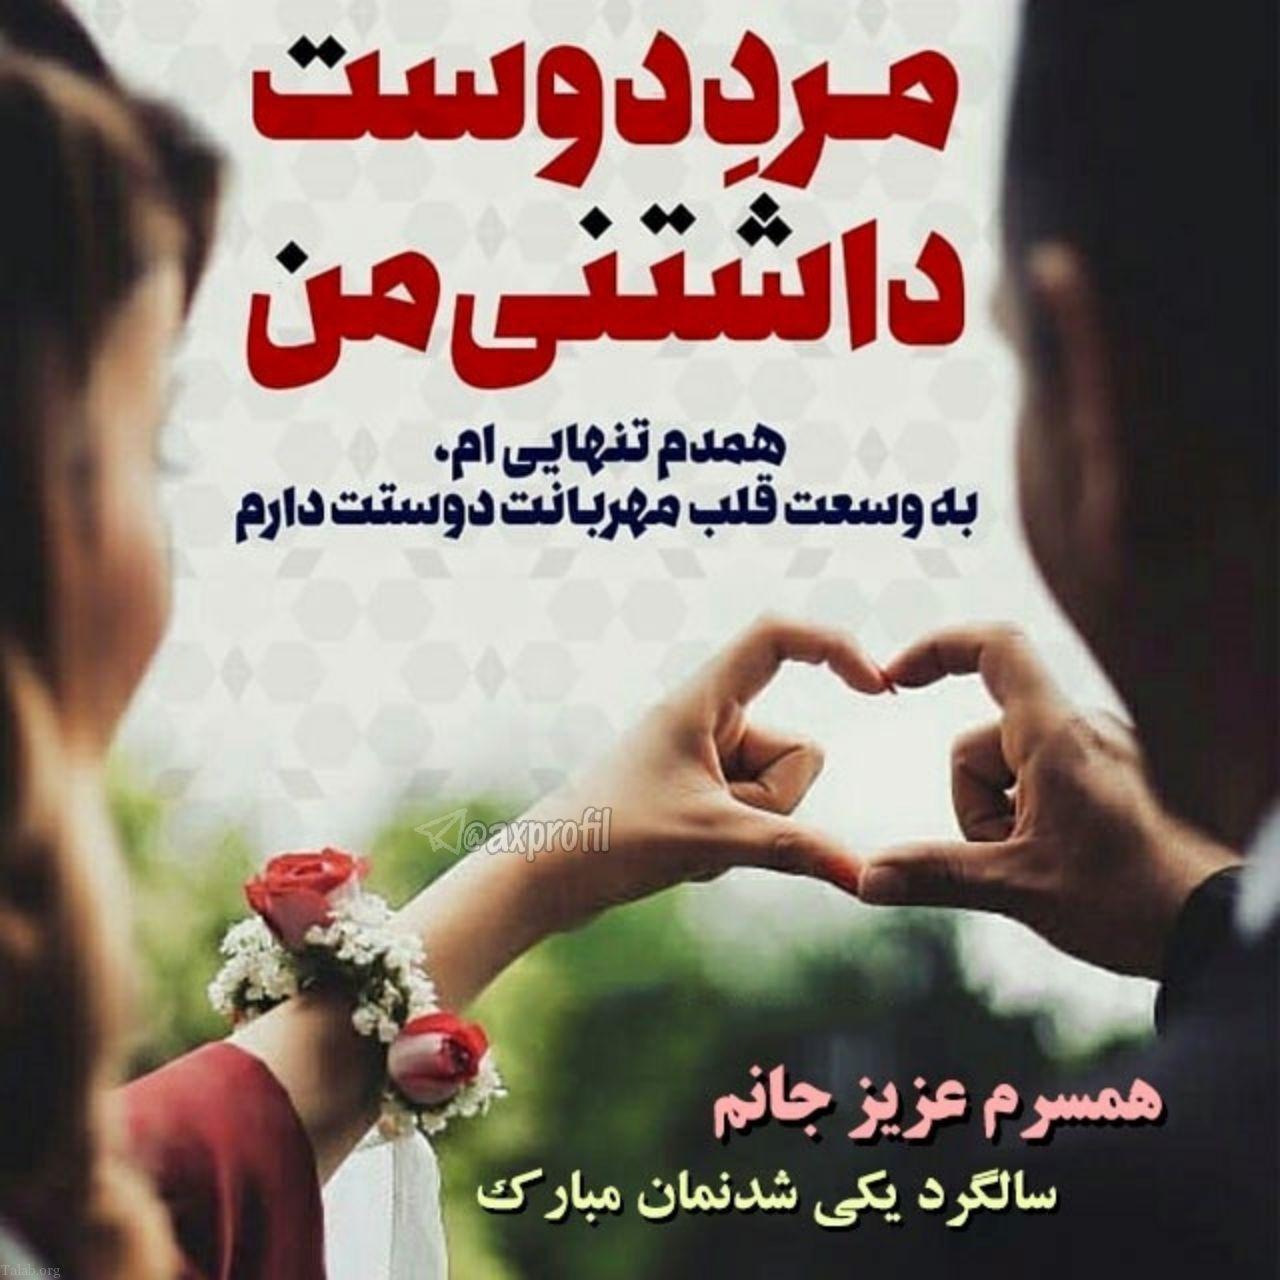 عکس پروفایل خاص ازدواج جدید + عکس پروفایل عاشقانه